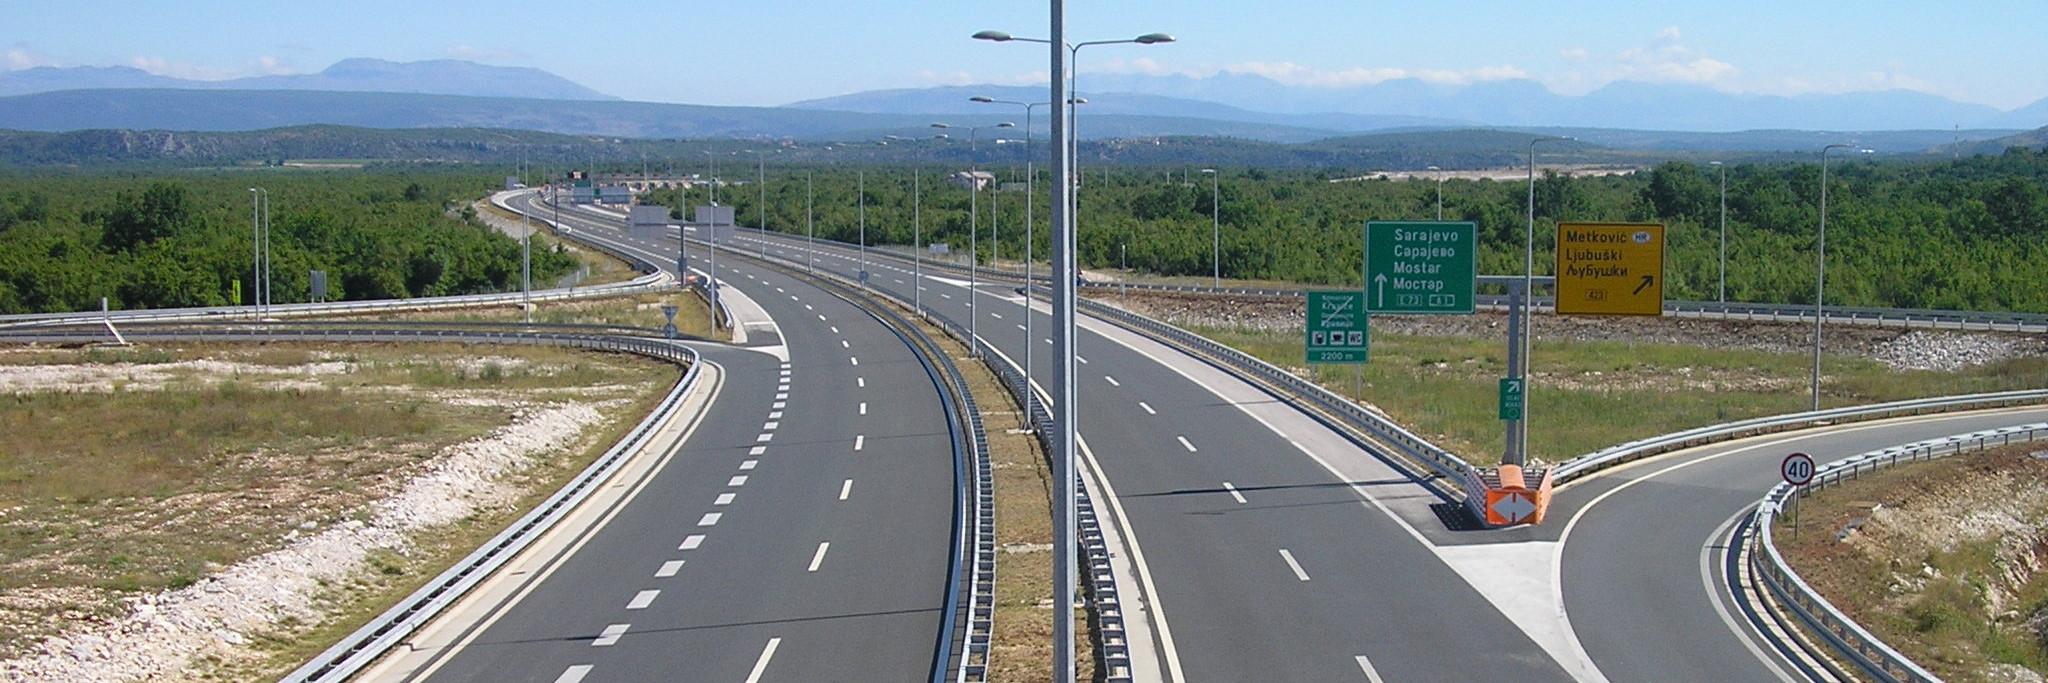 Дороги в Боснии и Герцеговине. Фото: Ma▀▄Ga, GNU 1.2.